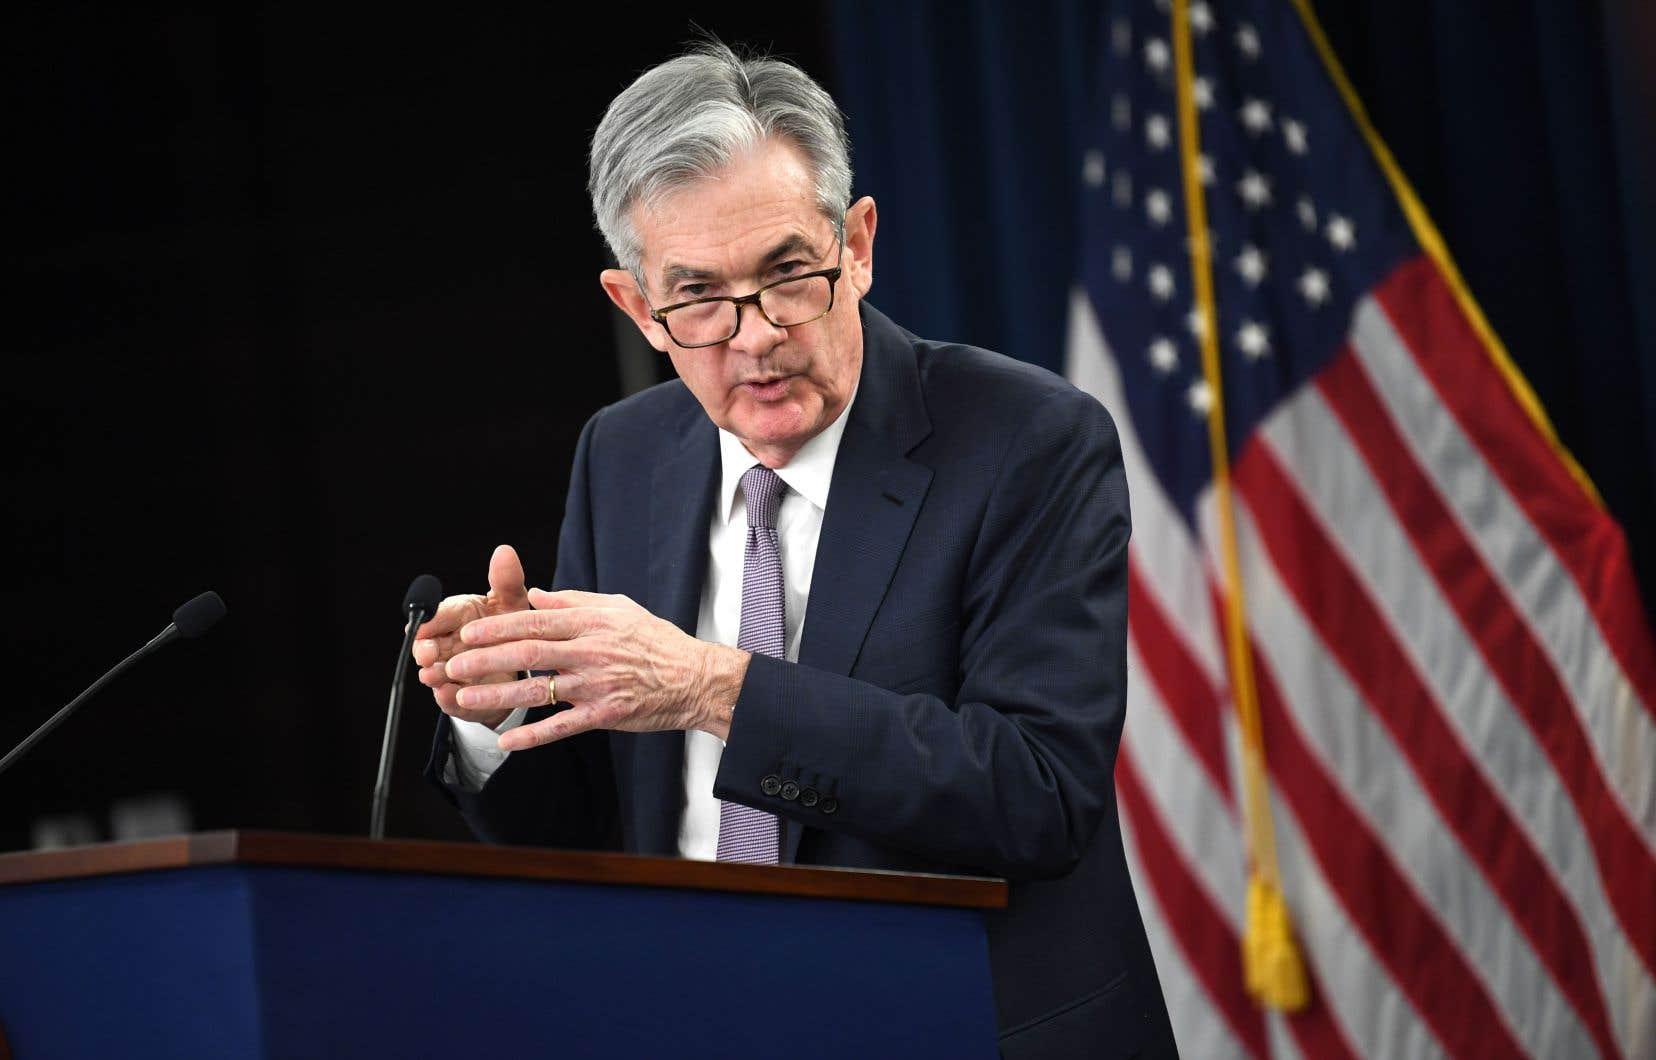 Le président de la banque centrale américaine, Jerome Powell, veut voir l'inflation «persister» avant de relever les taux.